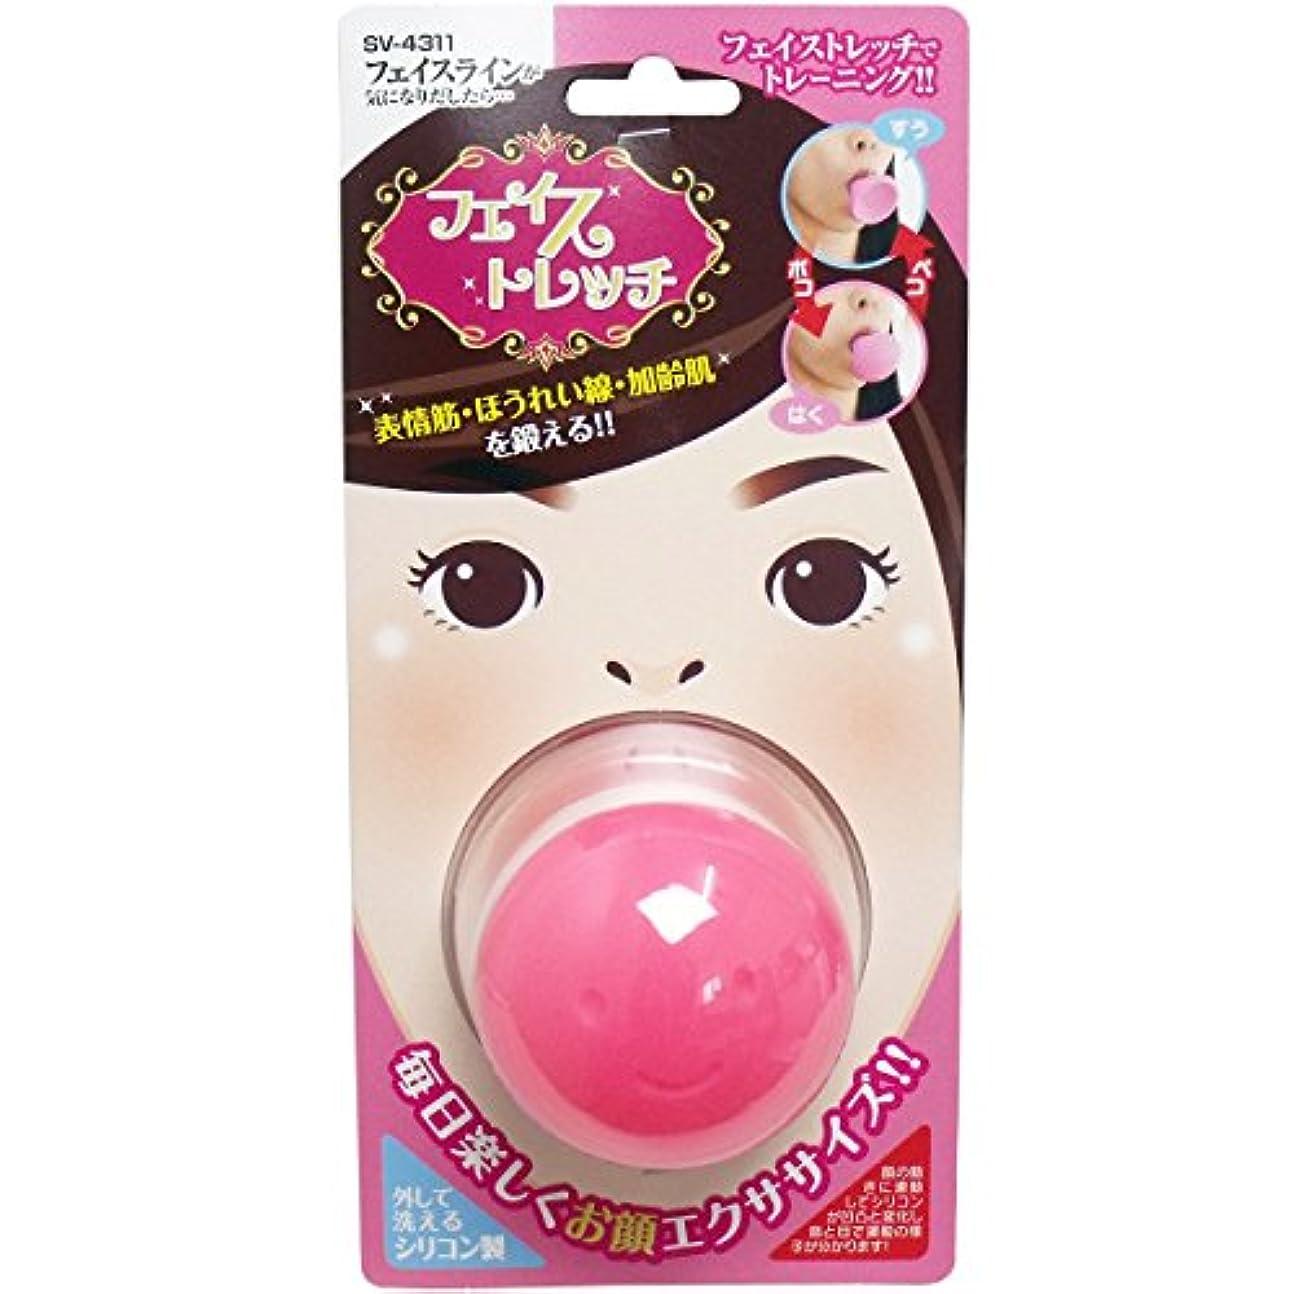 理容室安西の面では口にくわえて表情筋エクササイズ フェイストレッチ